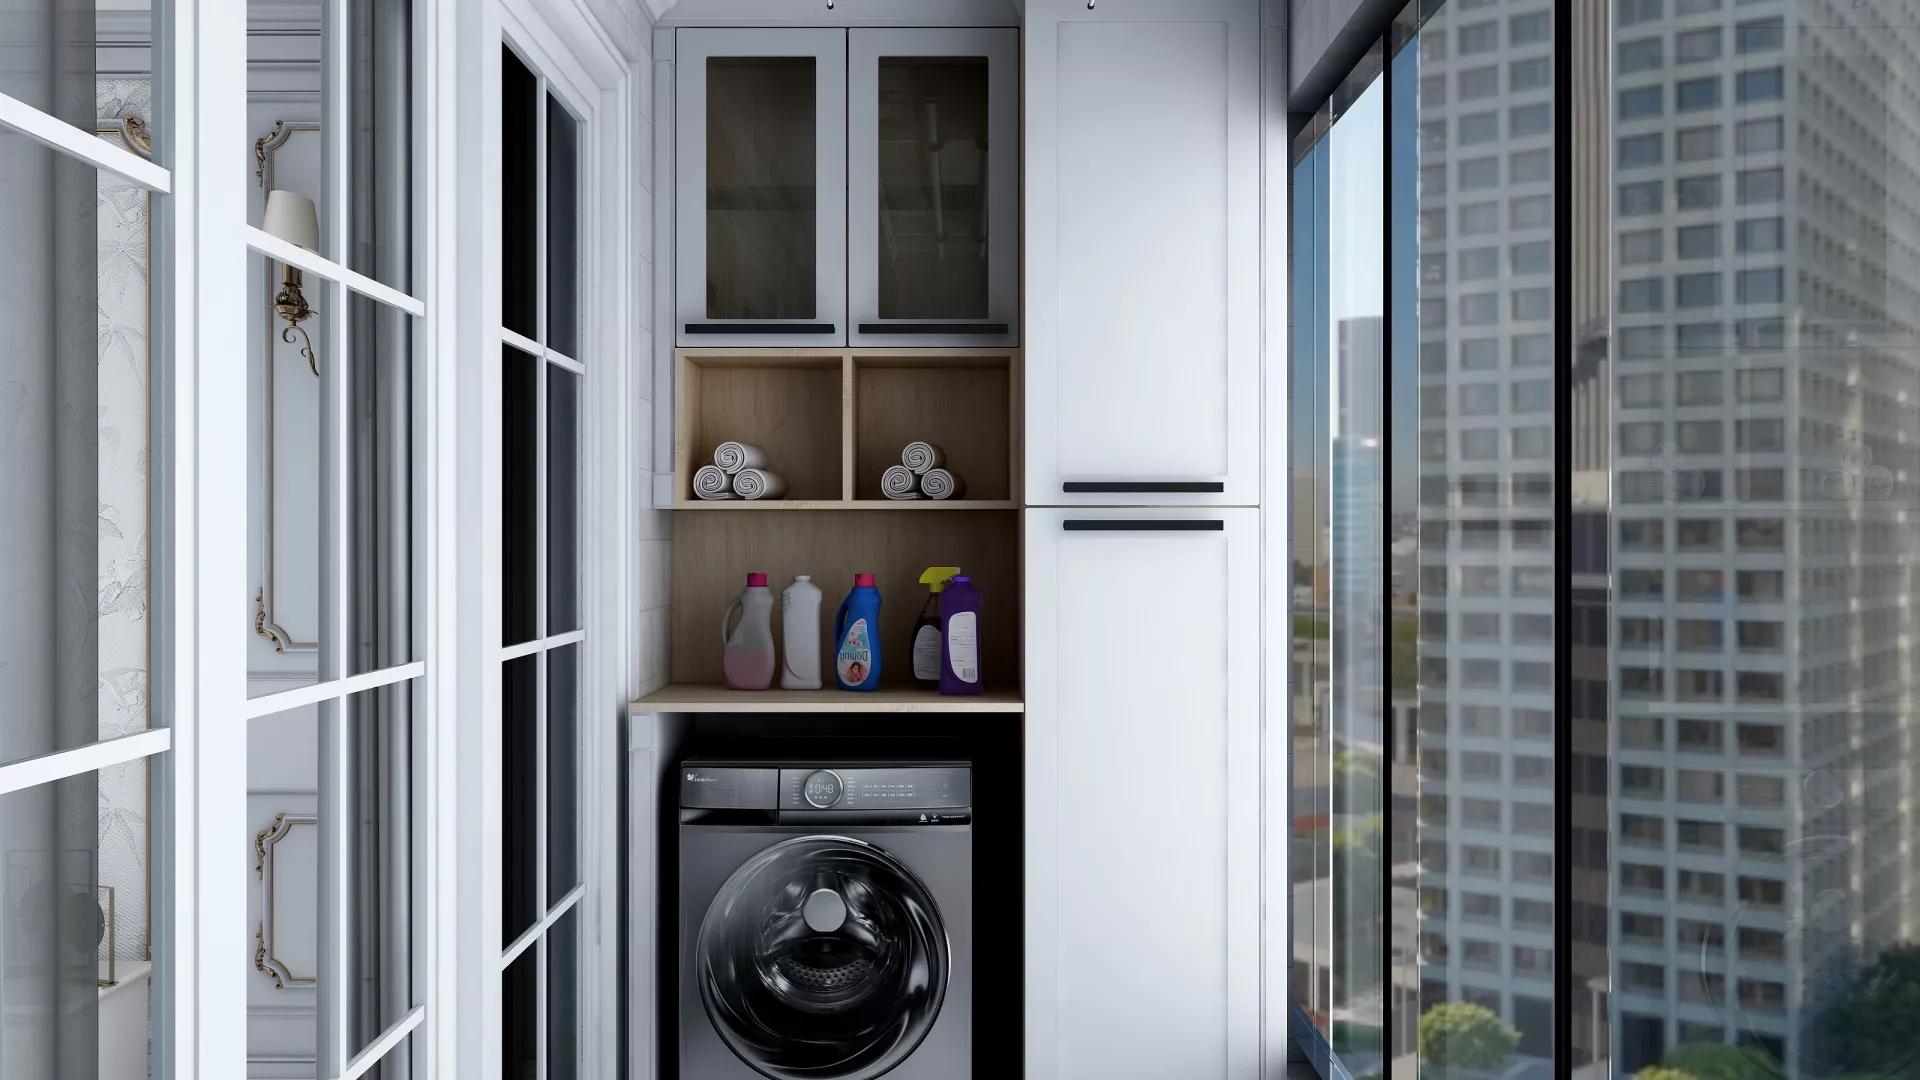 如何除去冰箱异味 快速去除冰箱臭味的办法